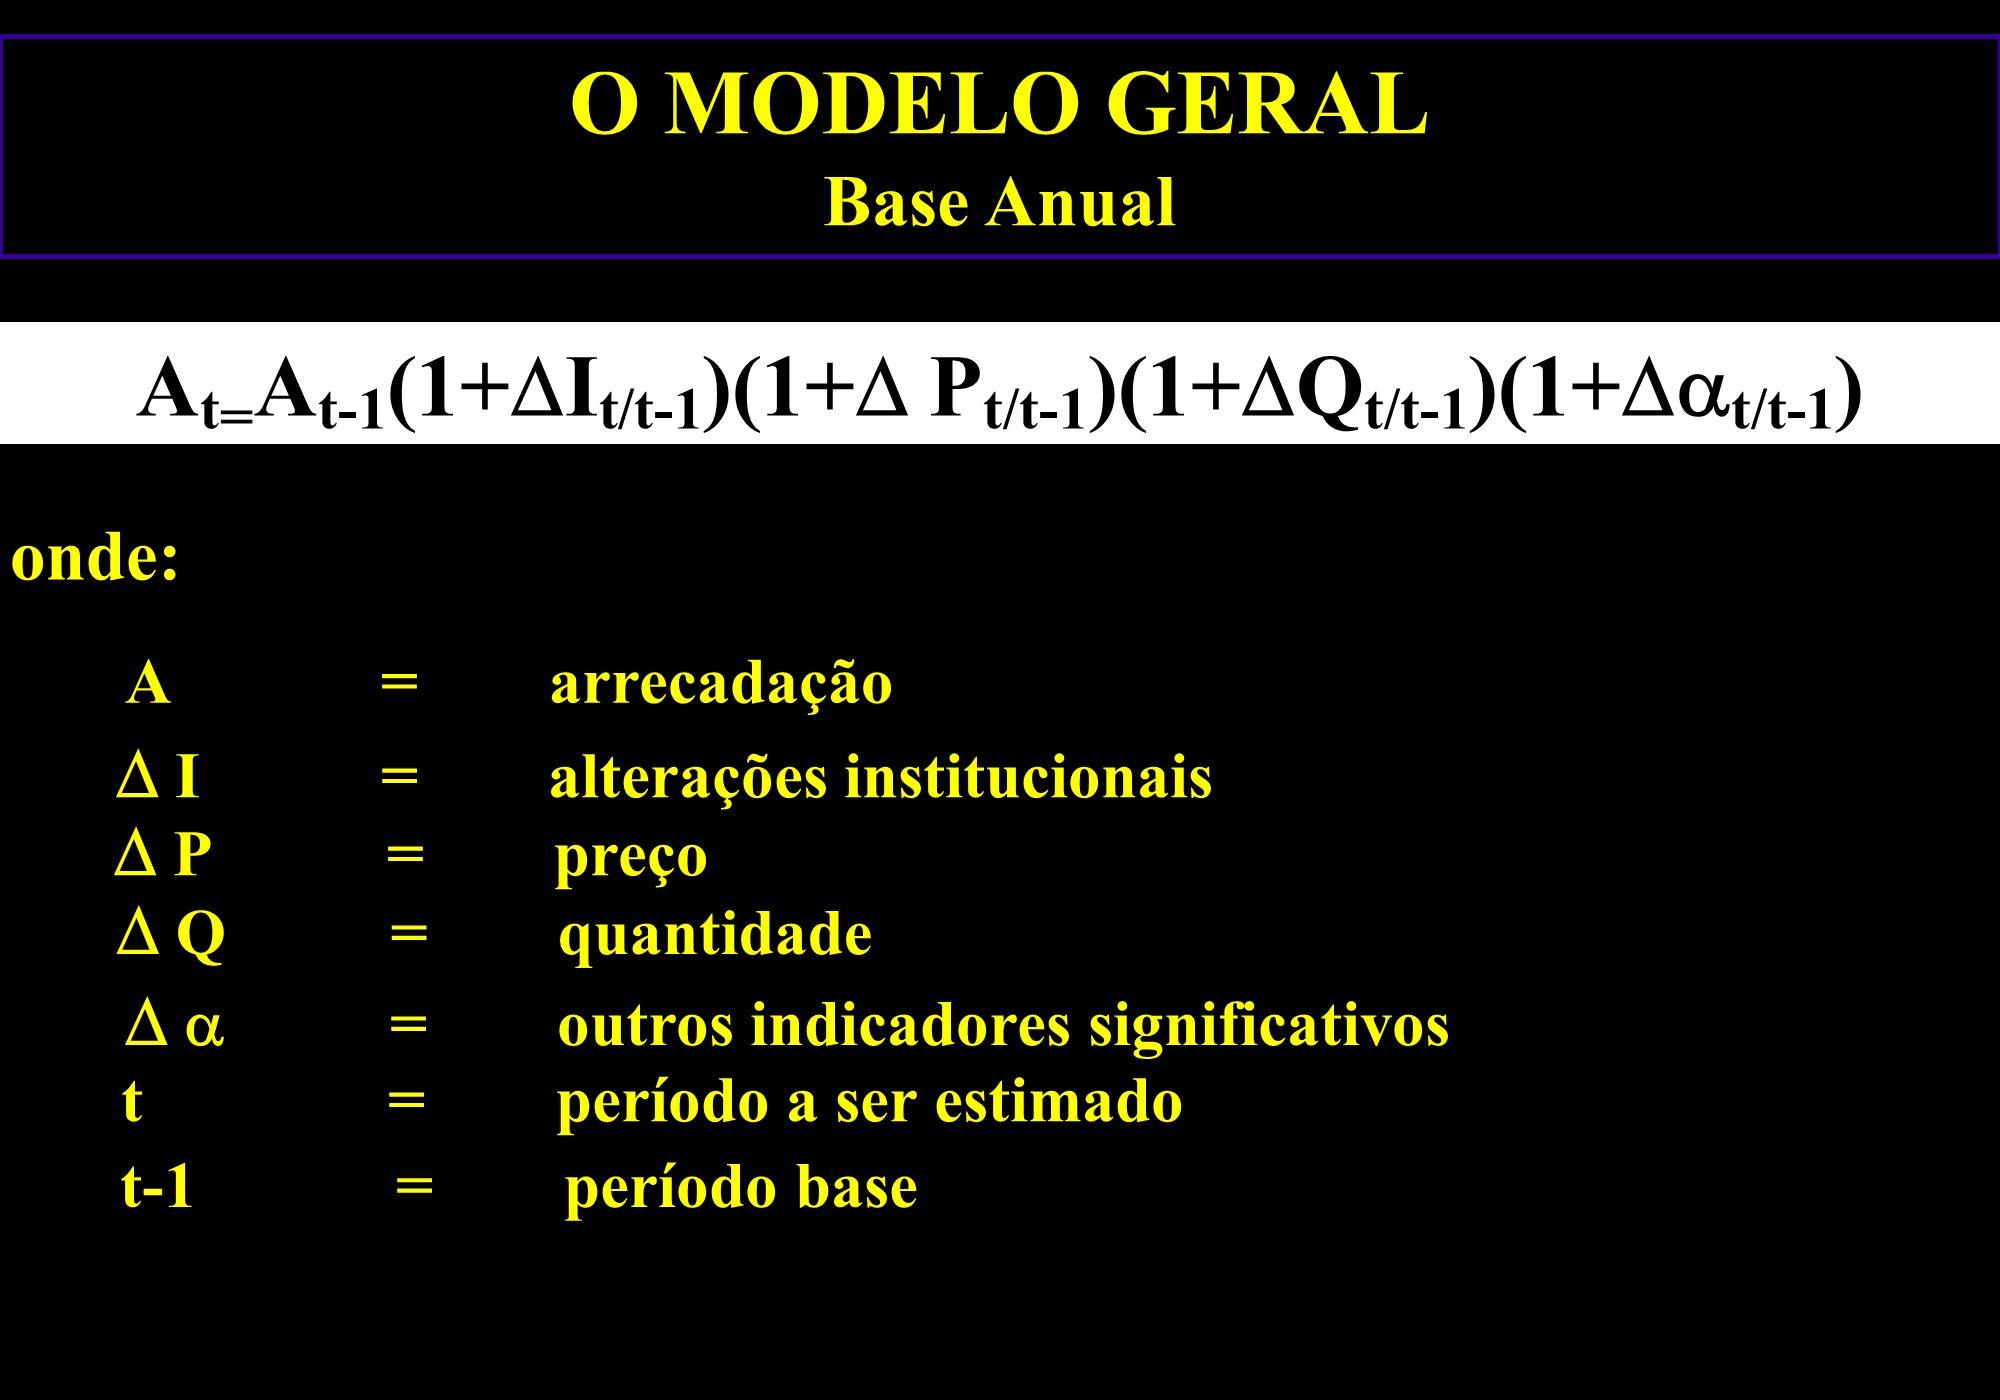 O MODELO GERAL Base Anual A t = A t-1 (1+ I t/t-1 )(1+ P t/t-1 )(1+ Q t/t-1 )(1+ t/t-1 ) onde: A = arrecadação I = alterações institucionais P = preço